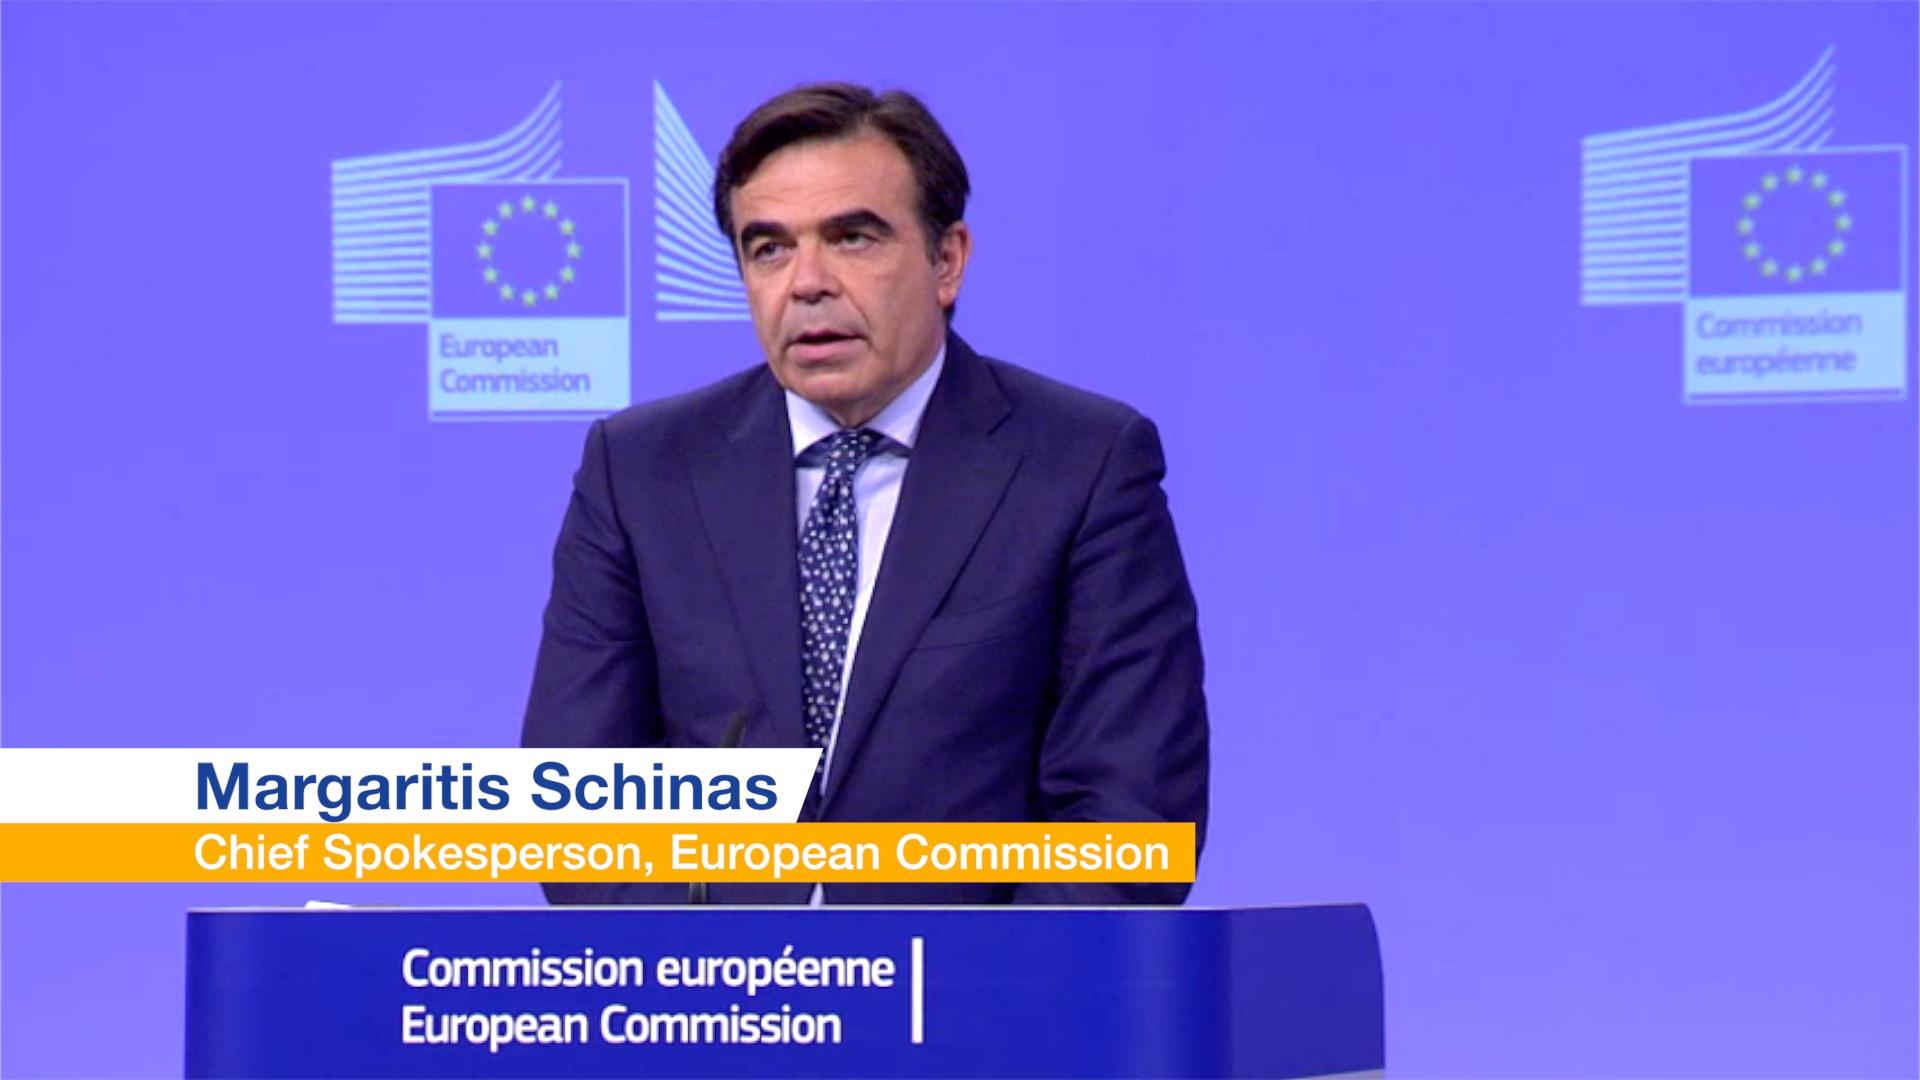 Η ΕΕ εγκαλεί ξανά την Τουρκία: Καλές σχέσεις με τους γείτονες, όχι εντάσεις, όχι εμπρηστικές δηλώσεις   to10.gr